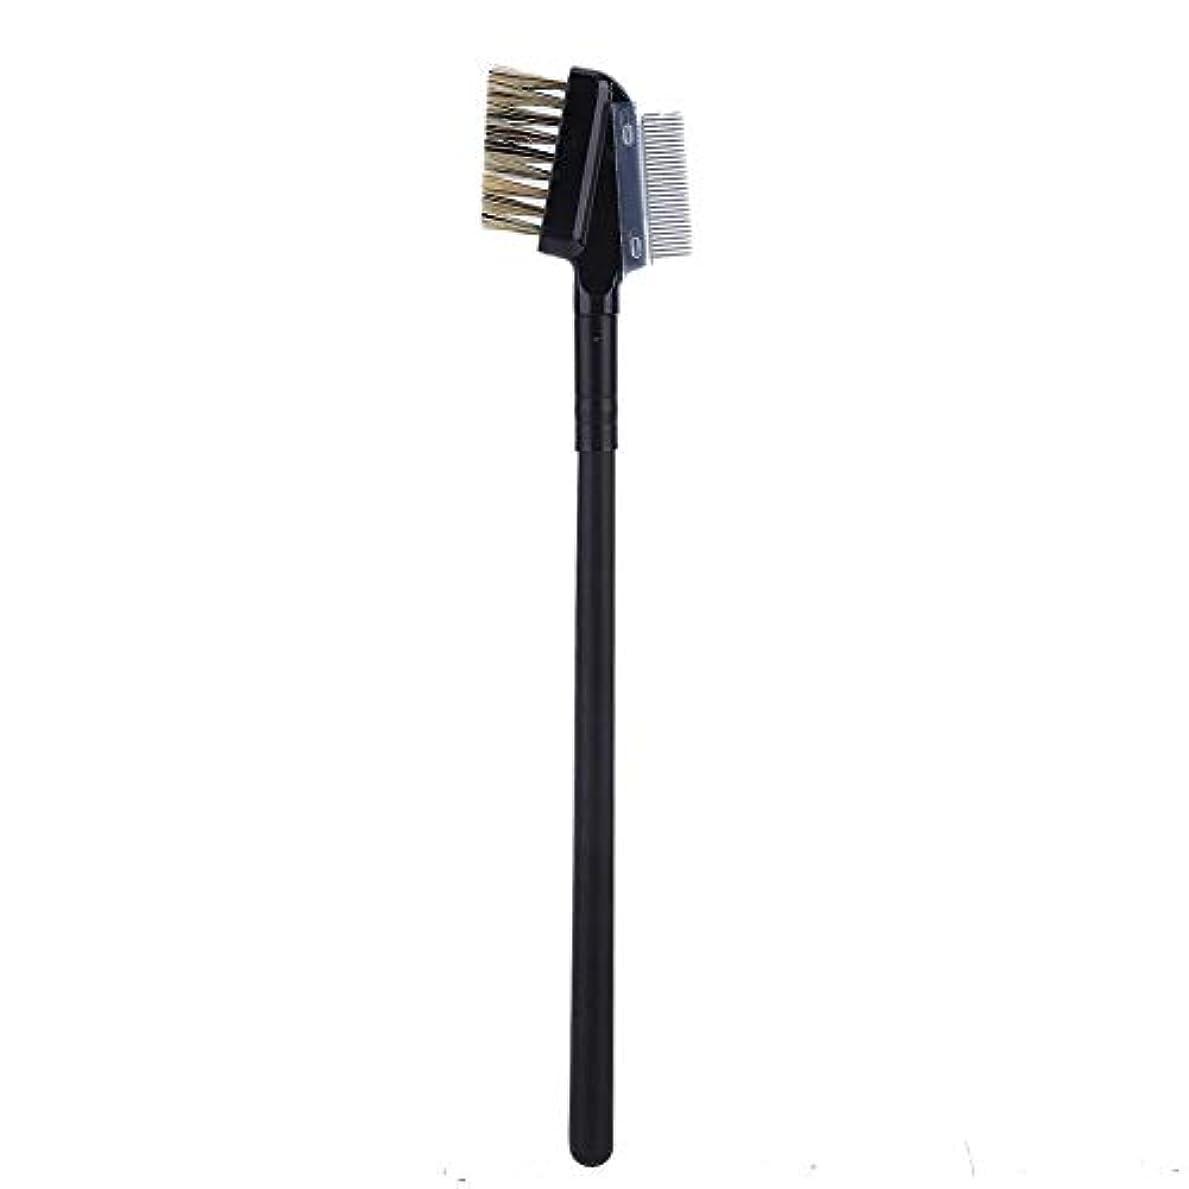 プリーツアームストロングおんどり二重使用眉毛まつげエクステンションくしブラシ、まつげブラシファインメタルコームメイクアップツール